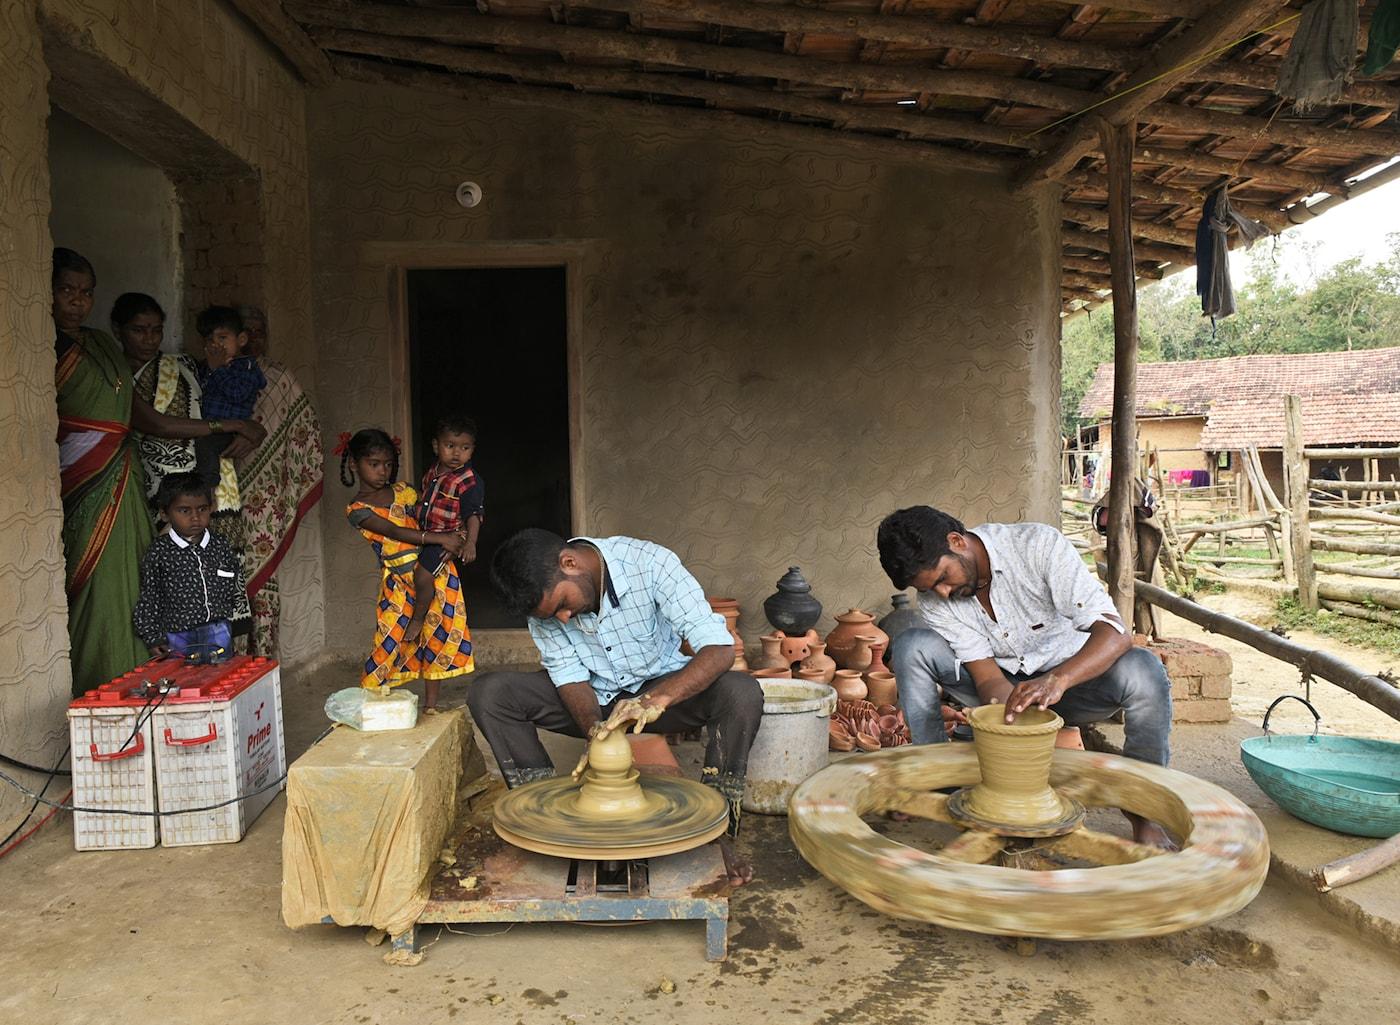 Dva indijska lončarja delata z vrtljivimi podstavki, drugi vaščani pa ju opazujejo.